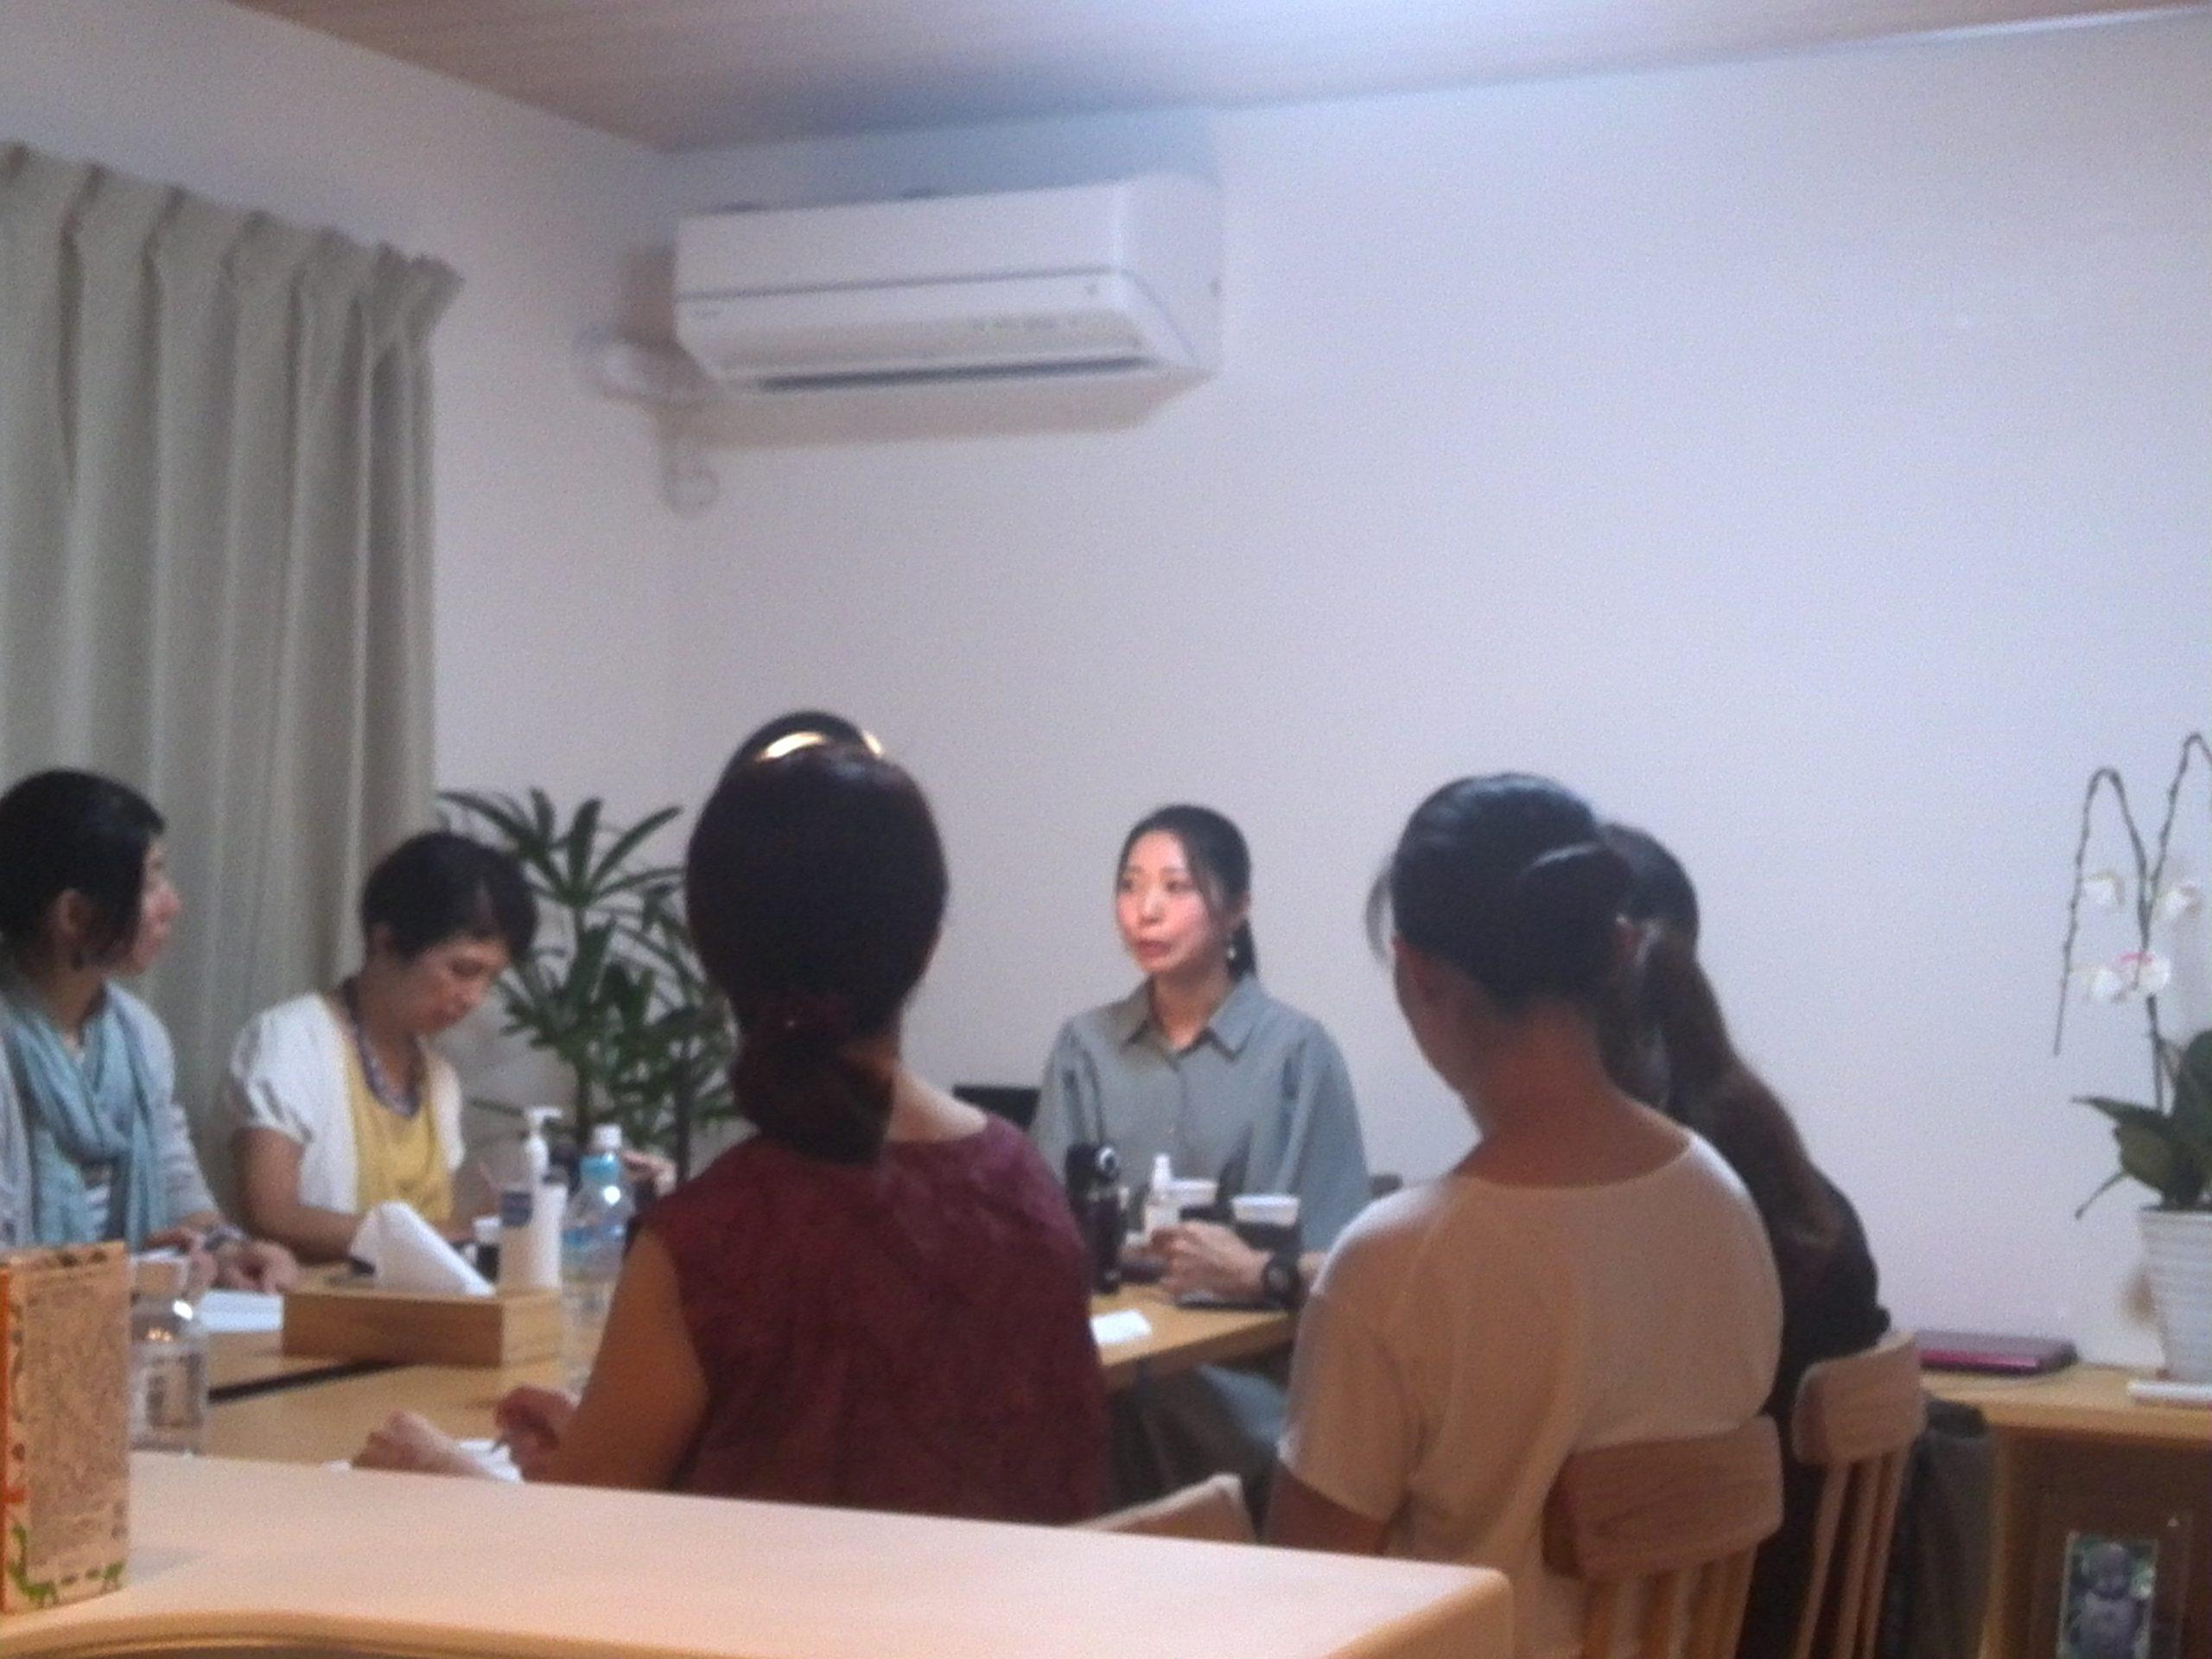 IMG 20200917 201012 scaled - 愛の子育て塾第17期第2講座開催